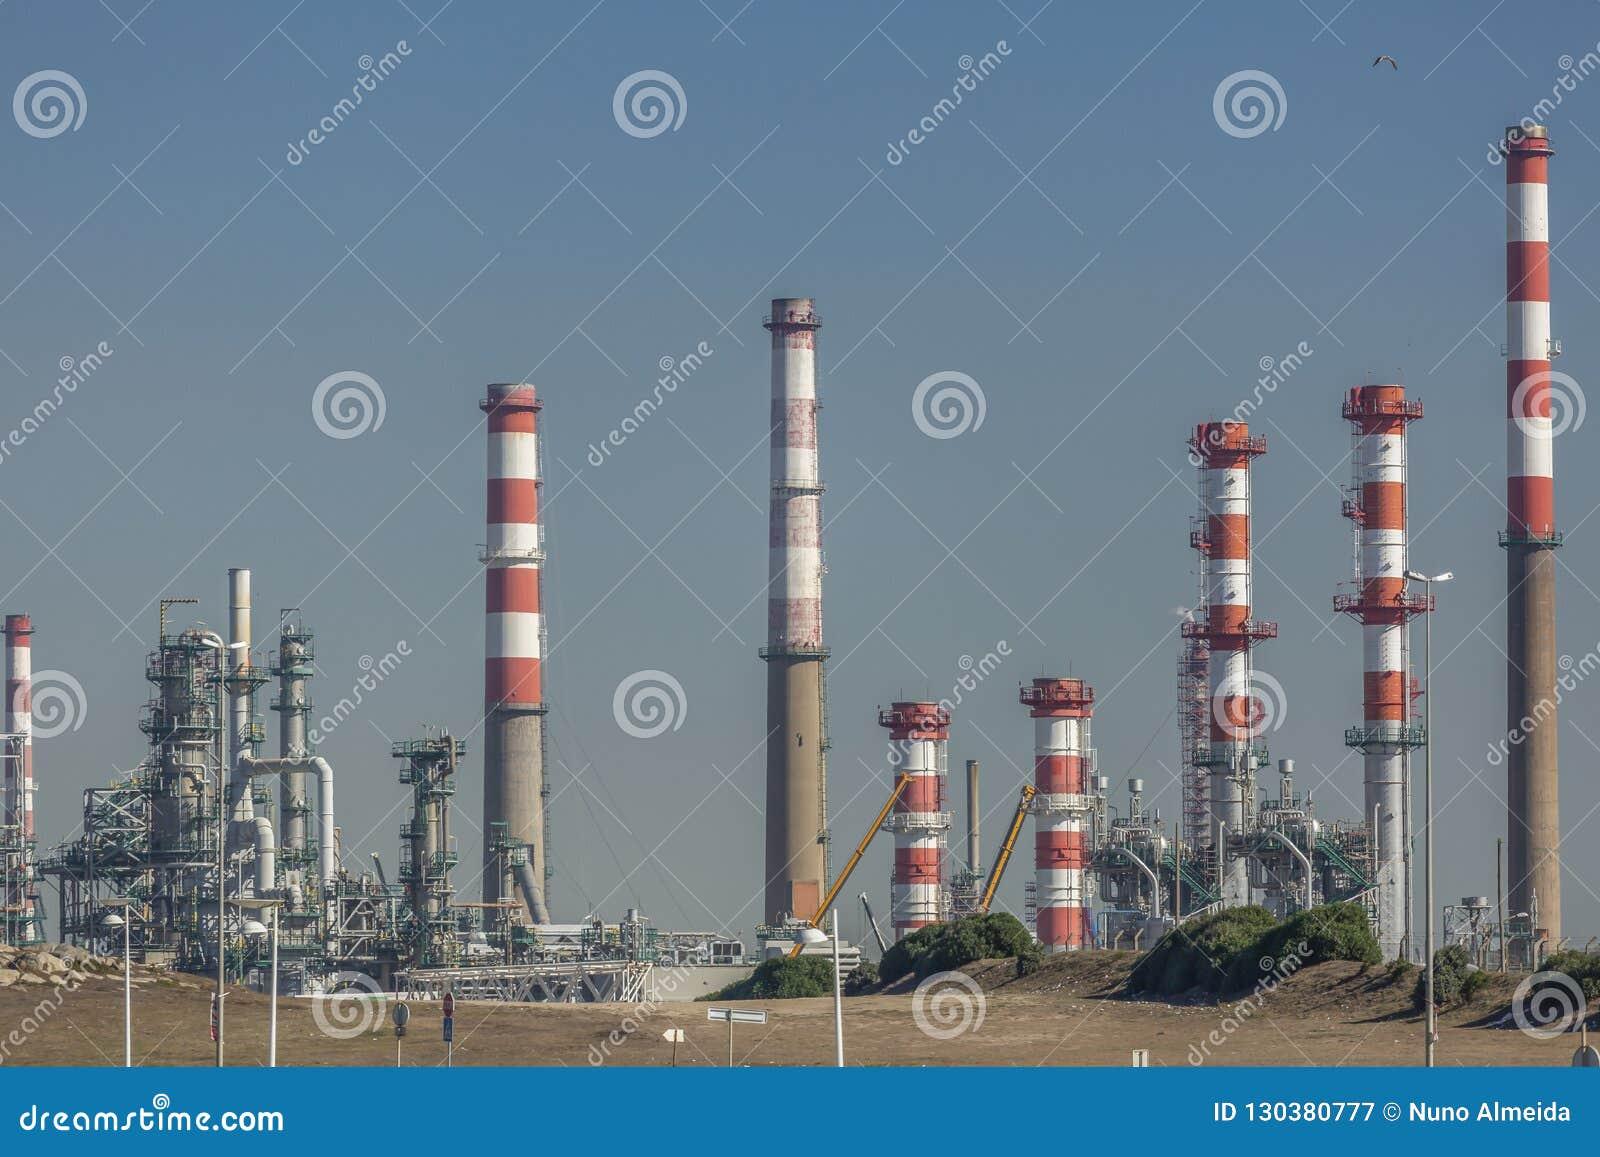 Industriegelände der Erdölraffinerie, Portugal